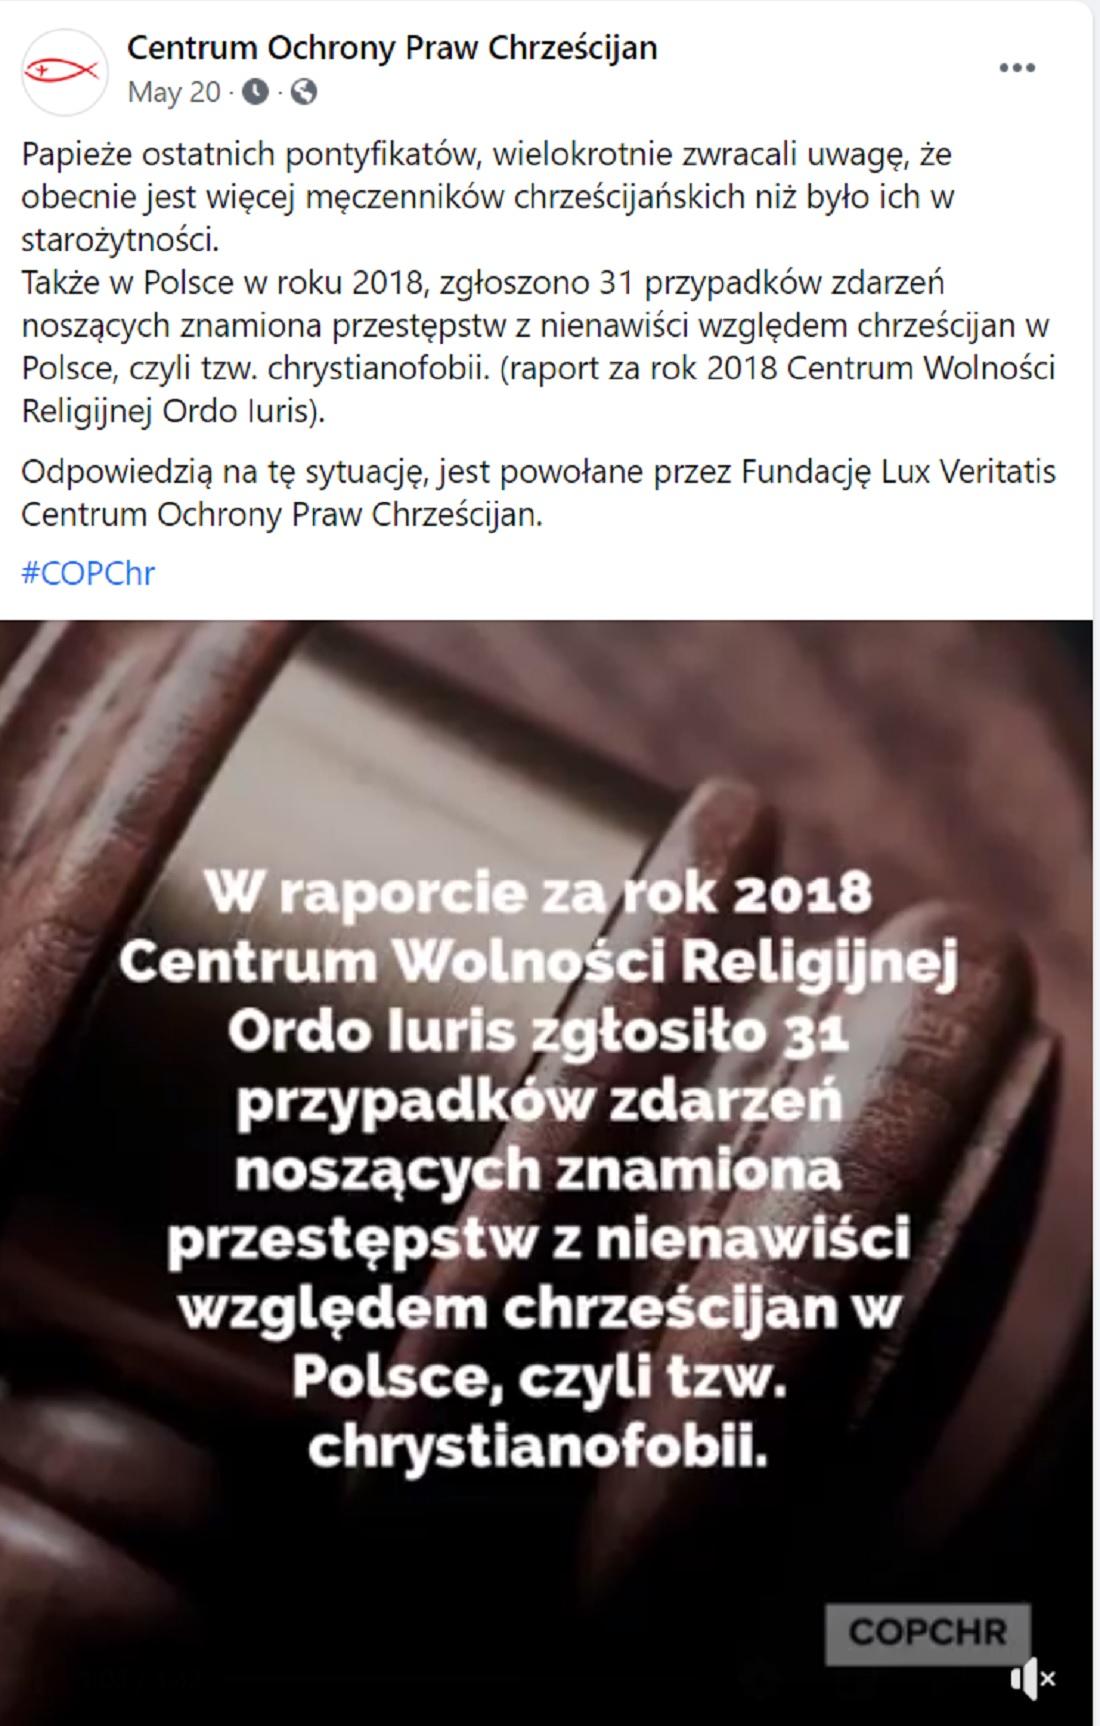 Wpis Centrum Ochrony Praw Chrześcijan na FB